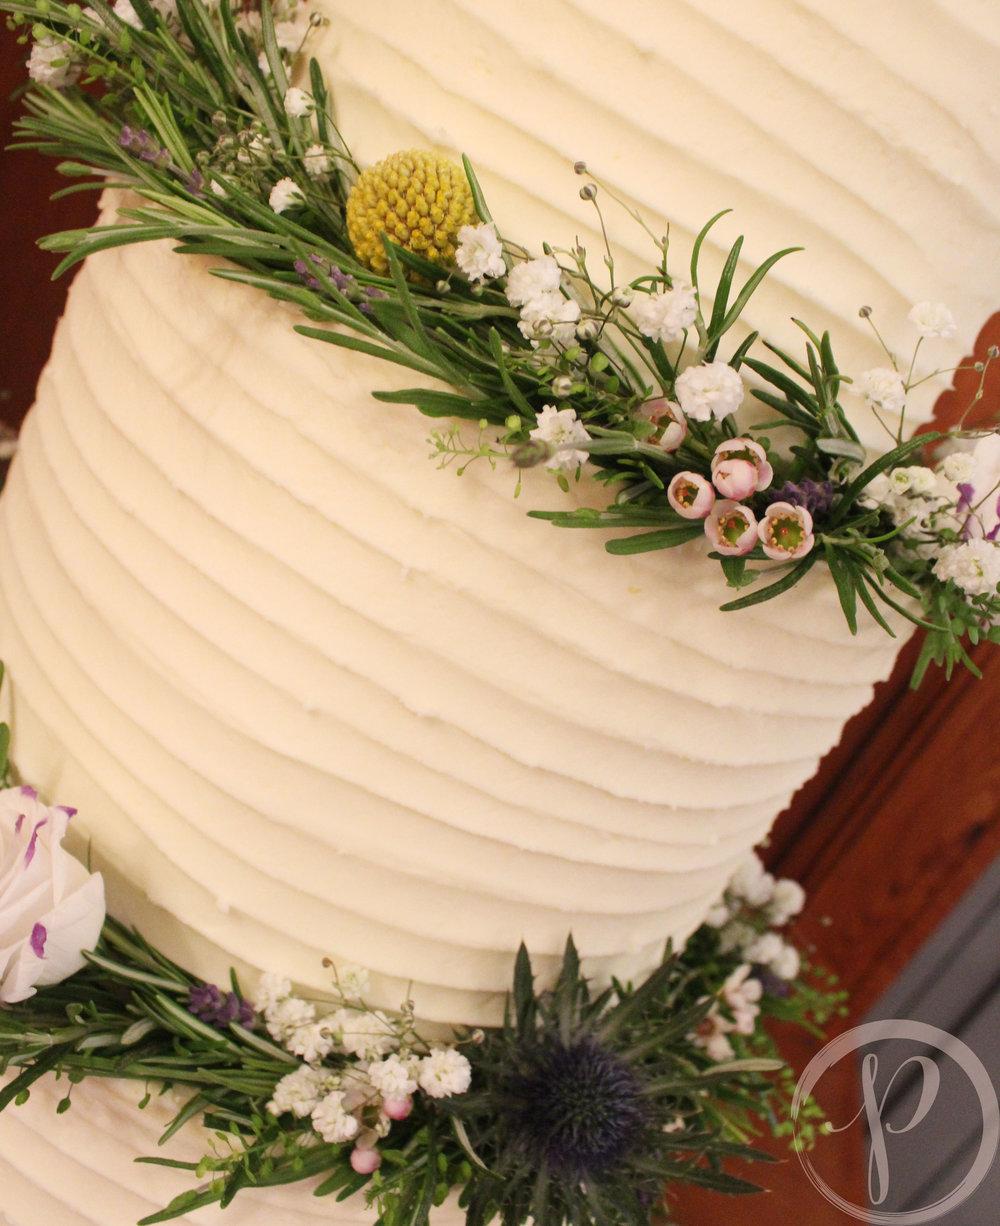 wild flower buttercream wedding cake.jpg